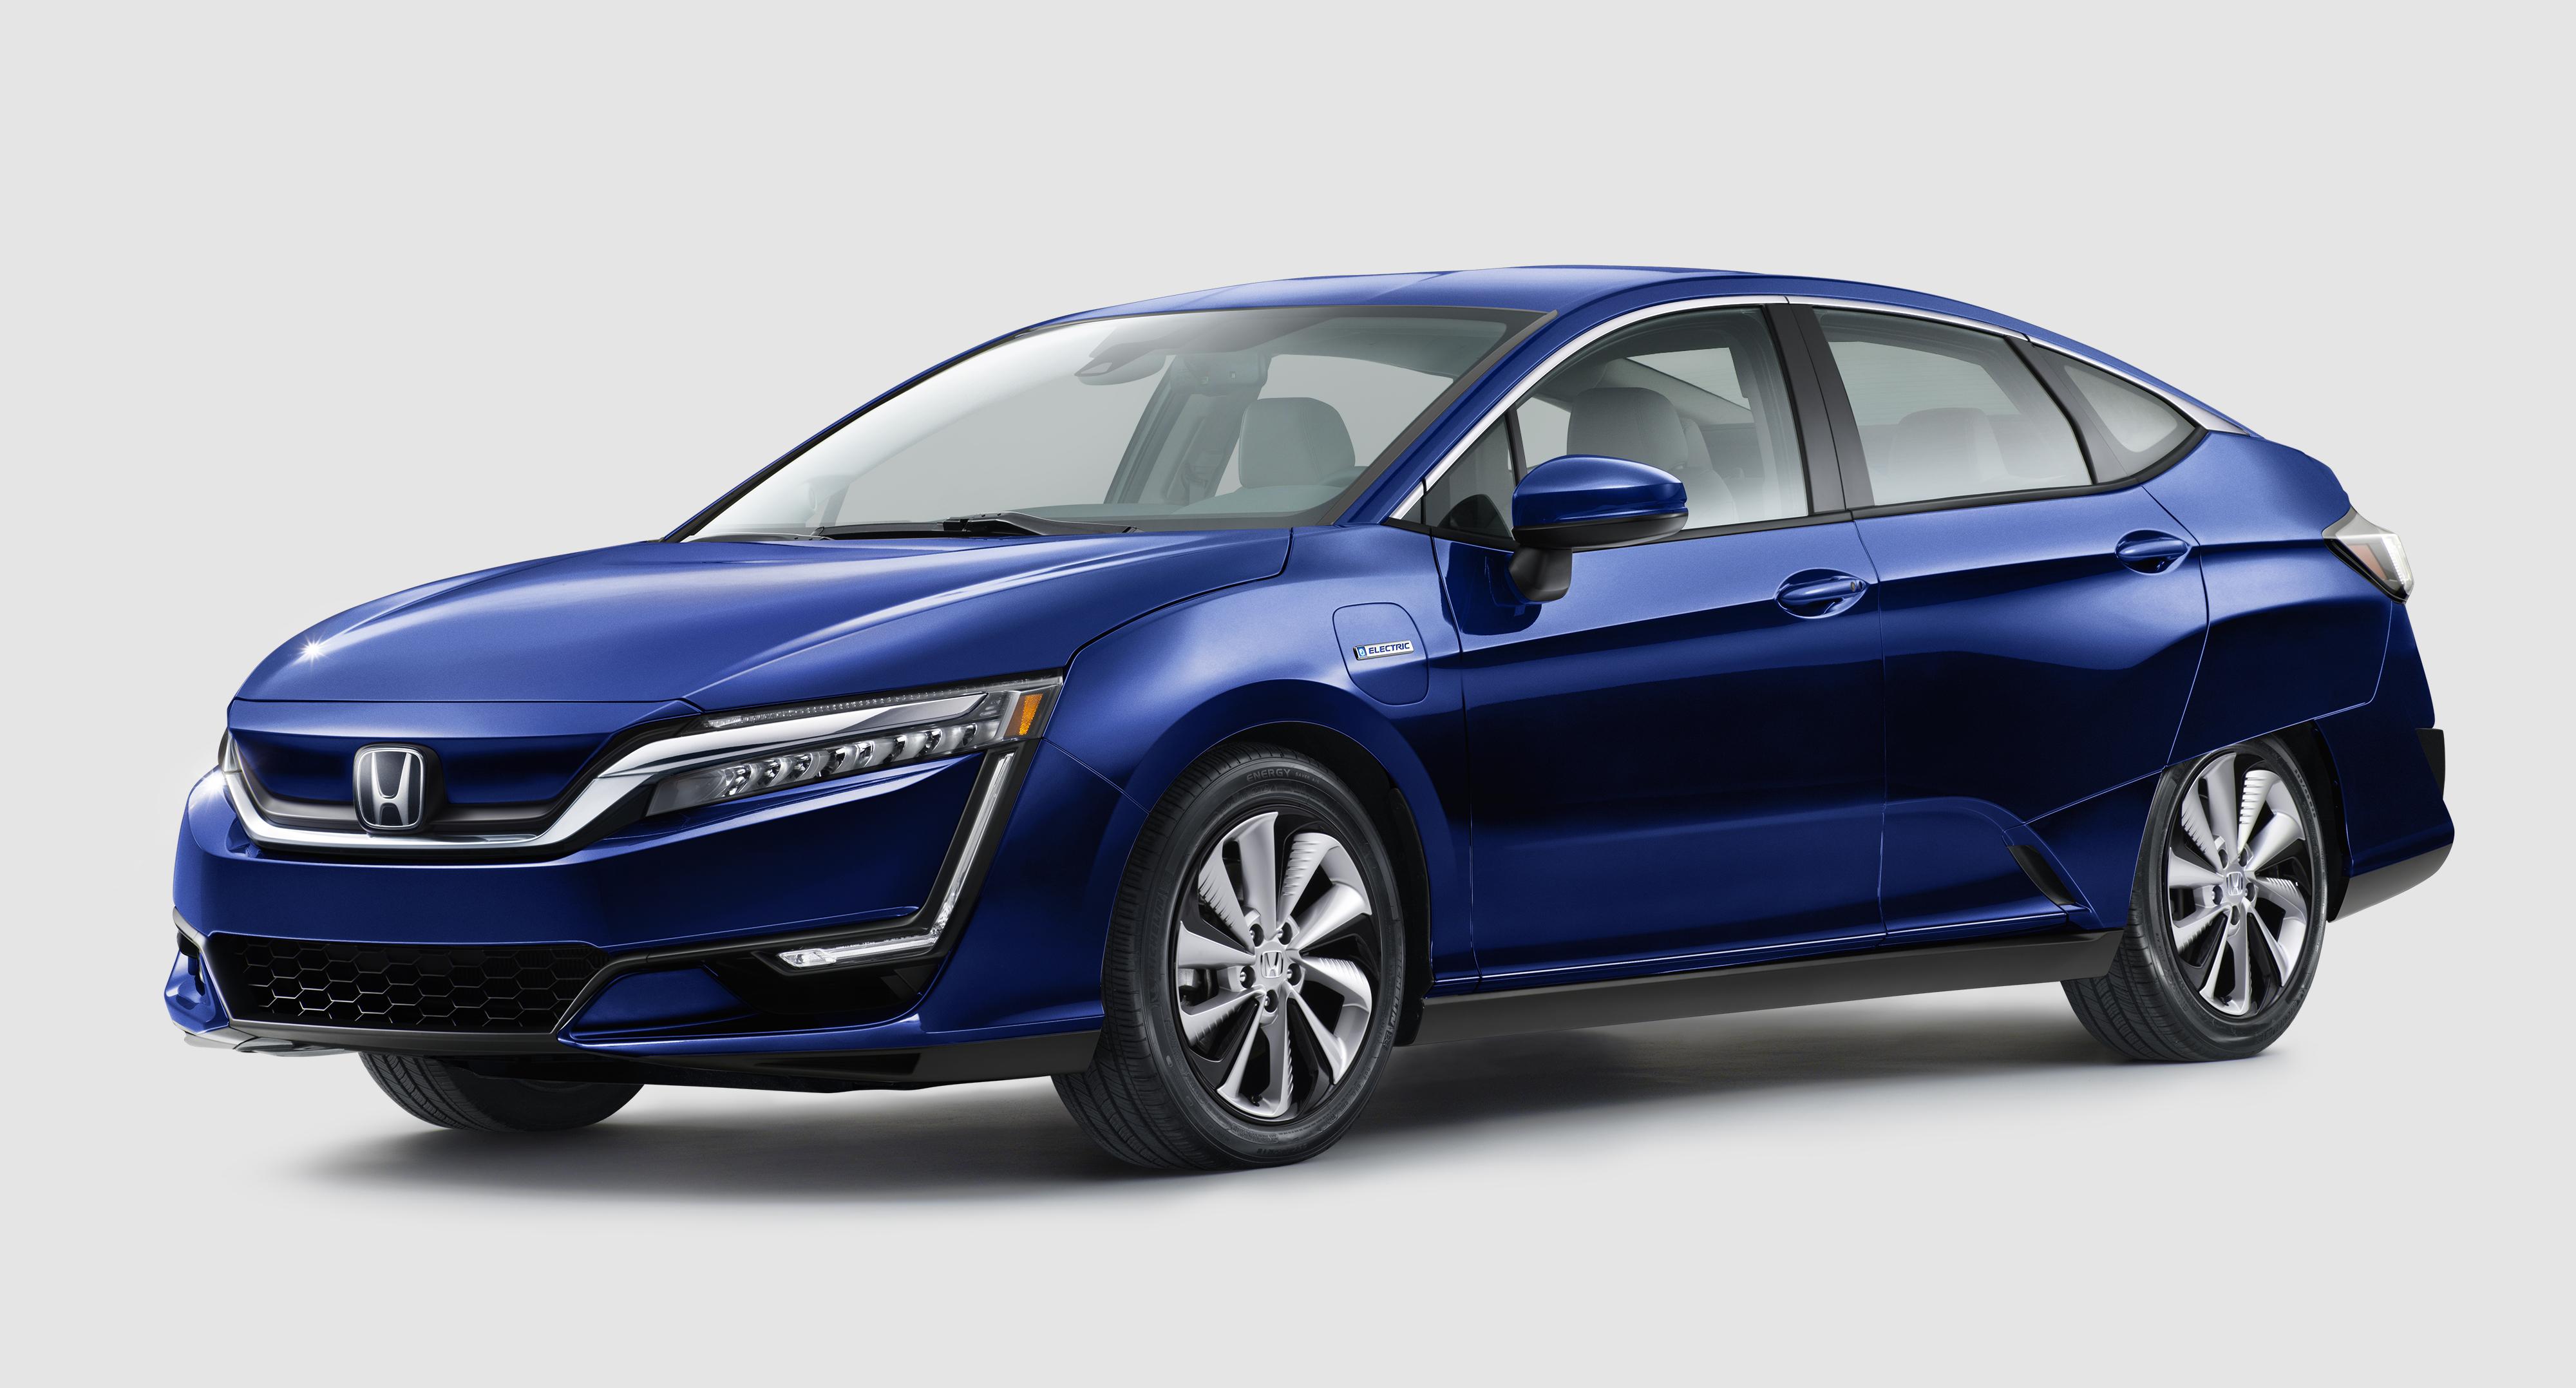 A blue Honda Clarity Electric sedan.